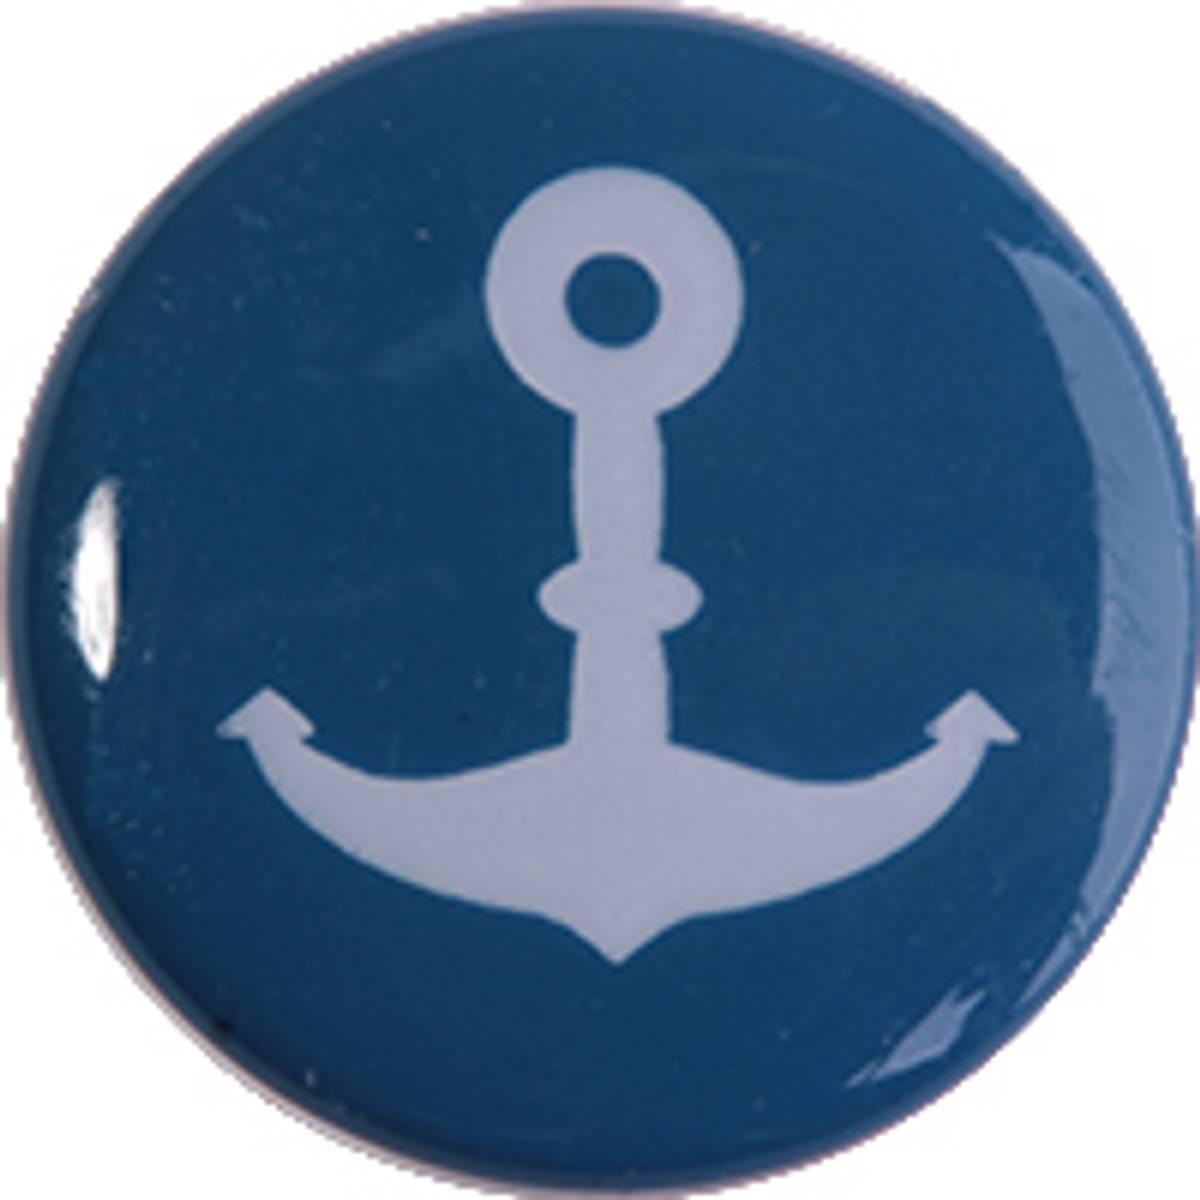 Motivknapp blå med anker